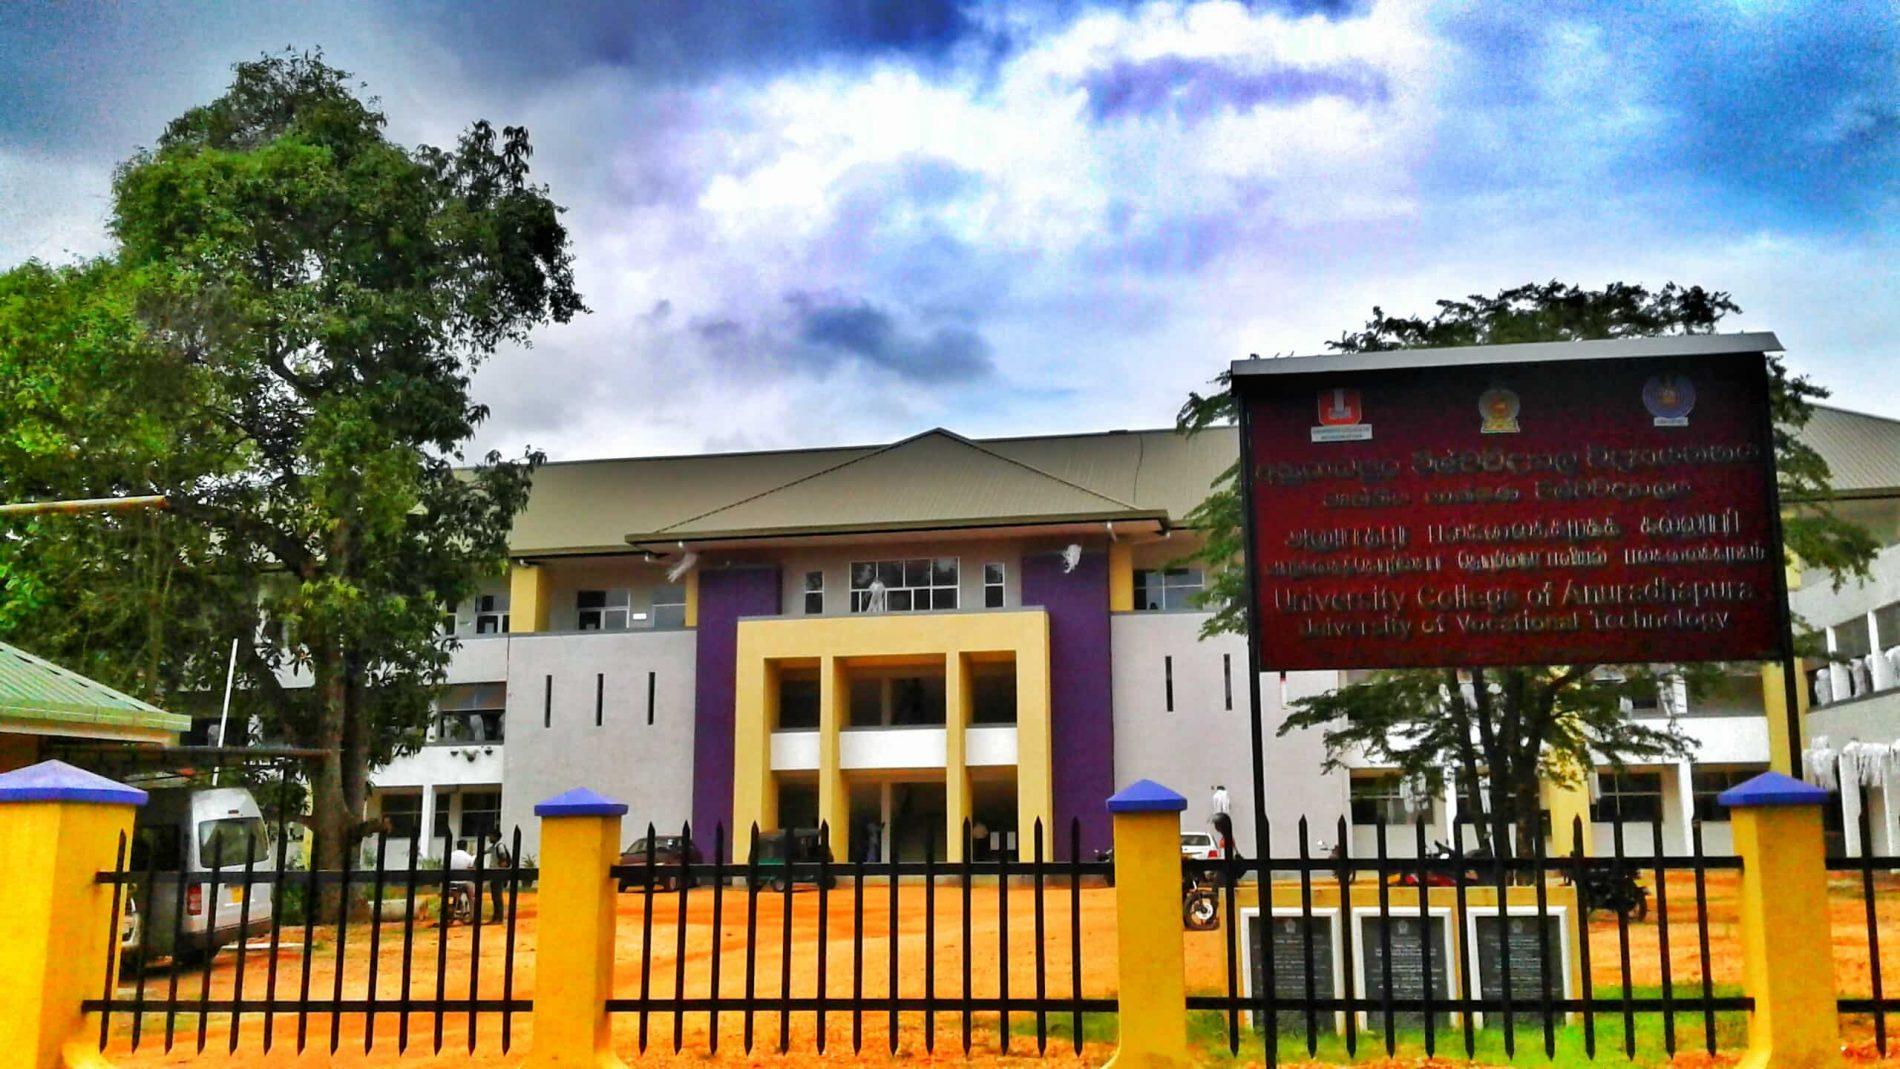 University College of Anuradhapura